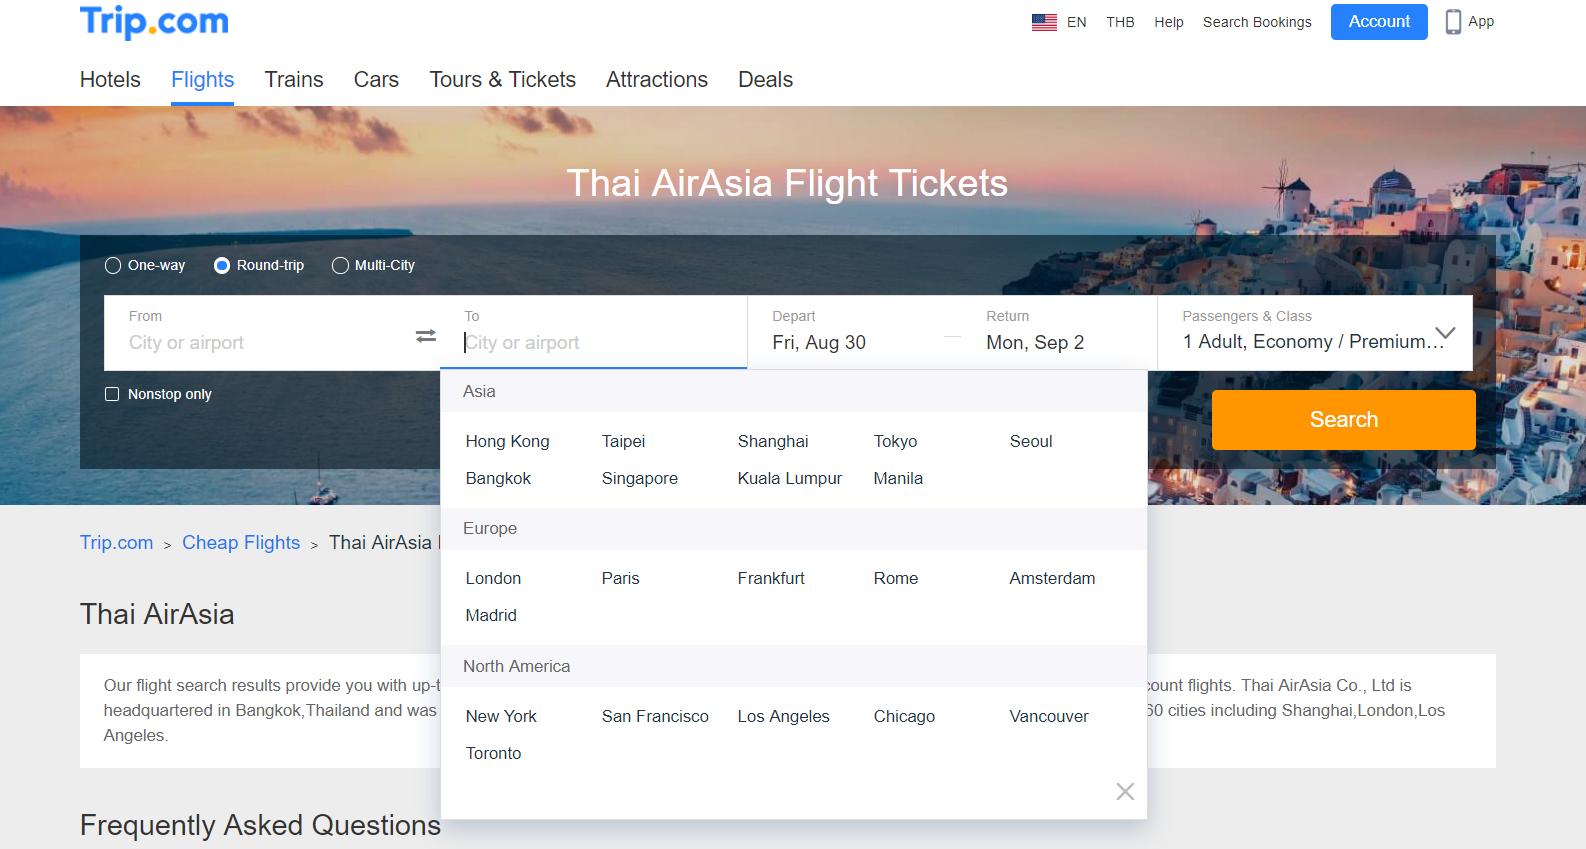 air asia trip.com